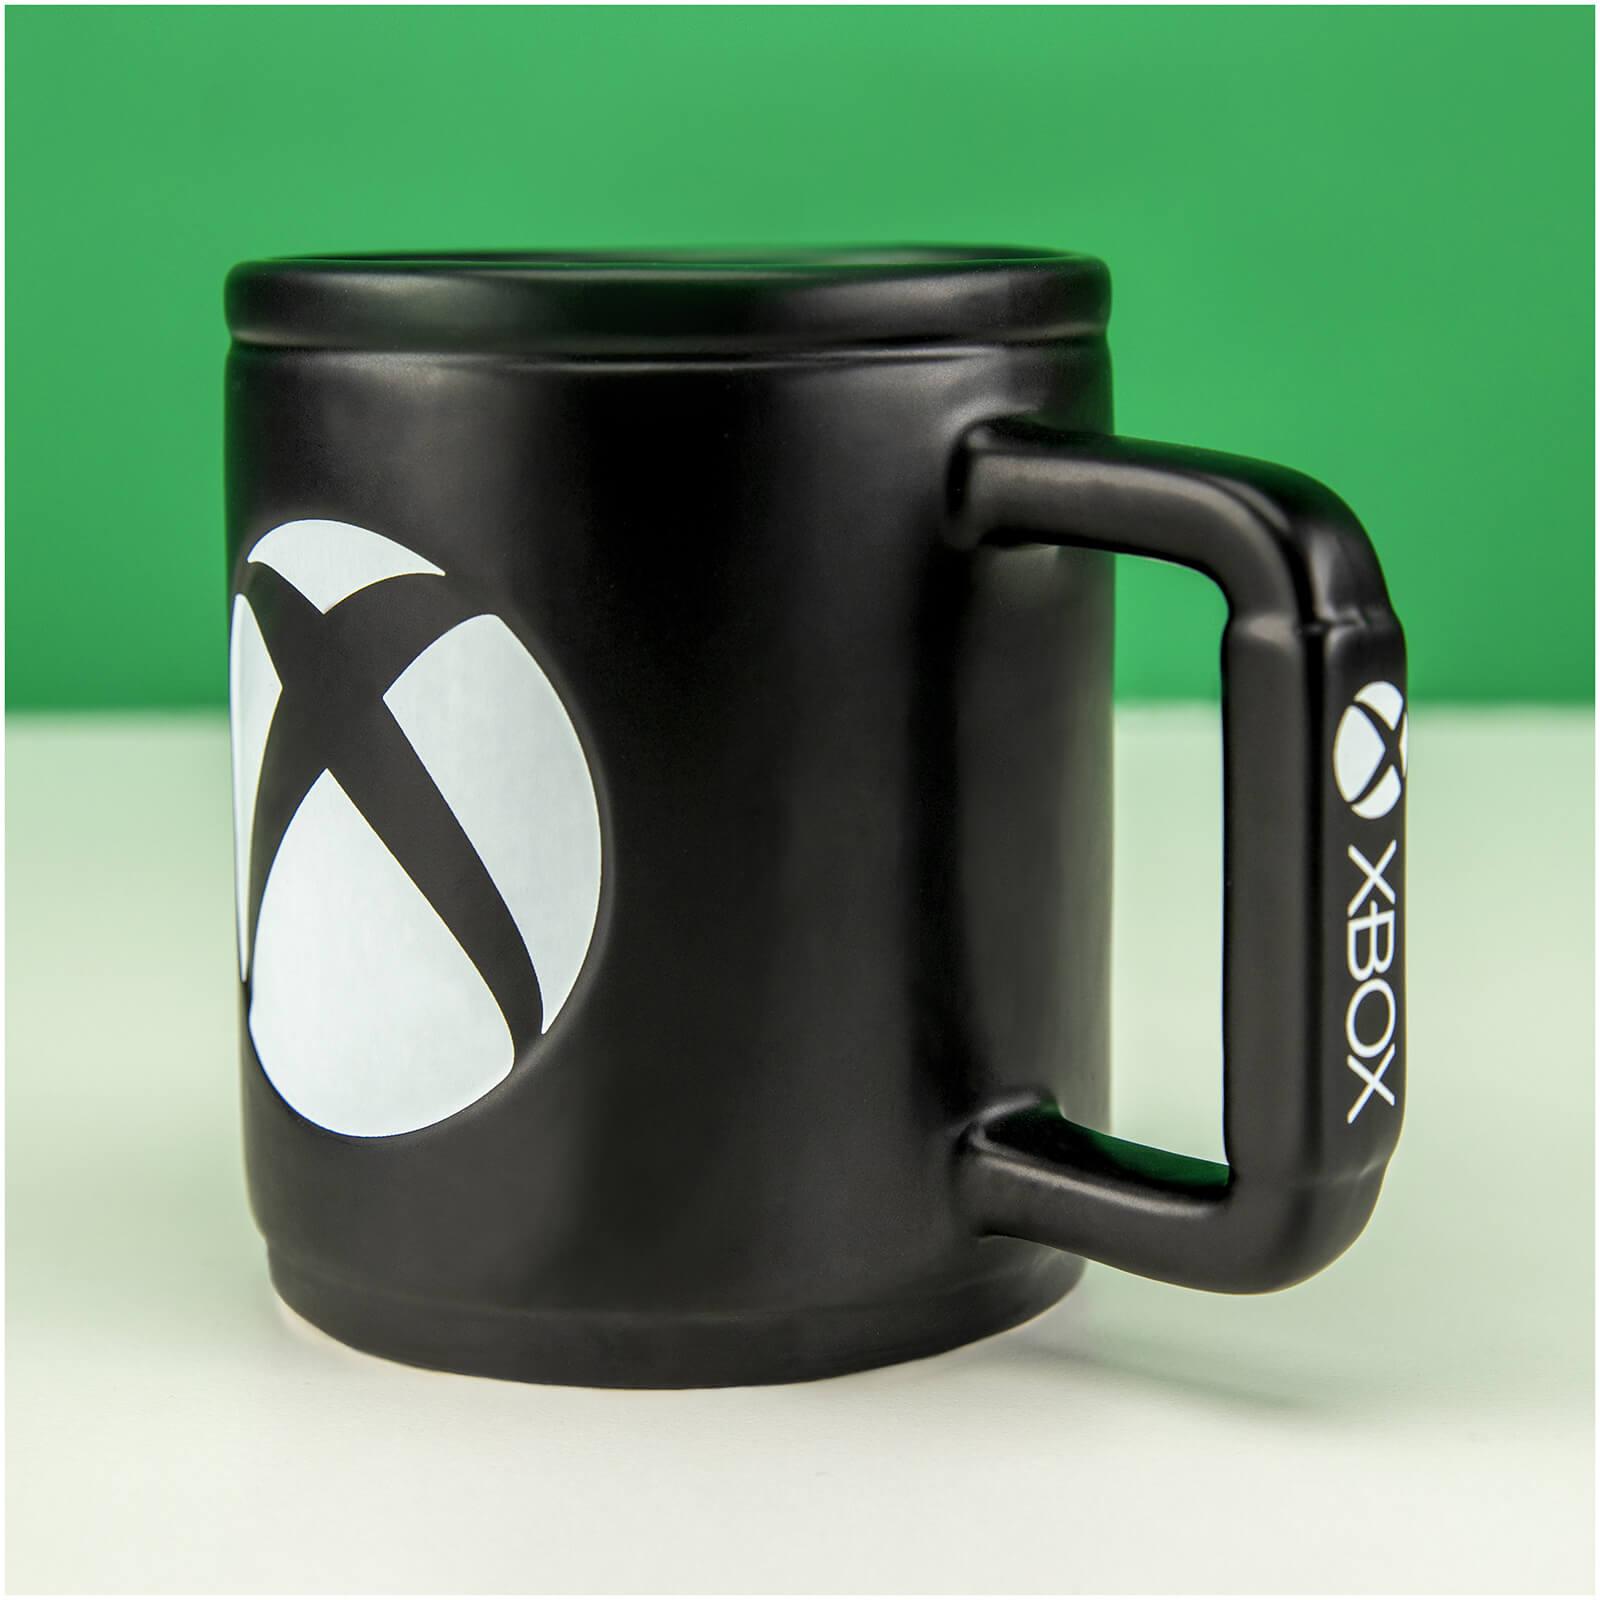 Xbox Shaped Mug